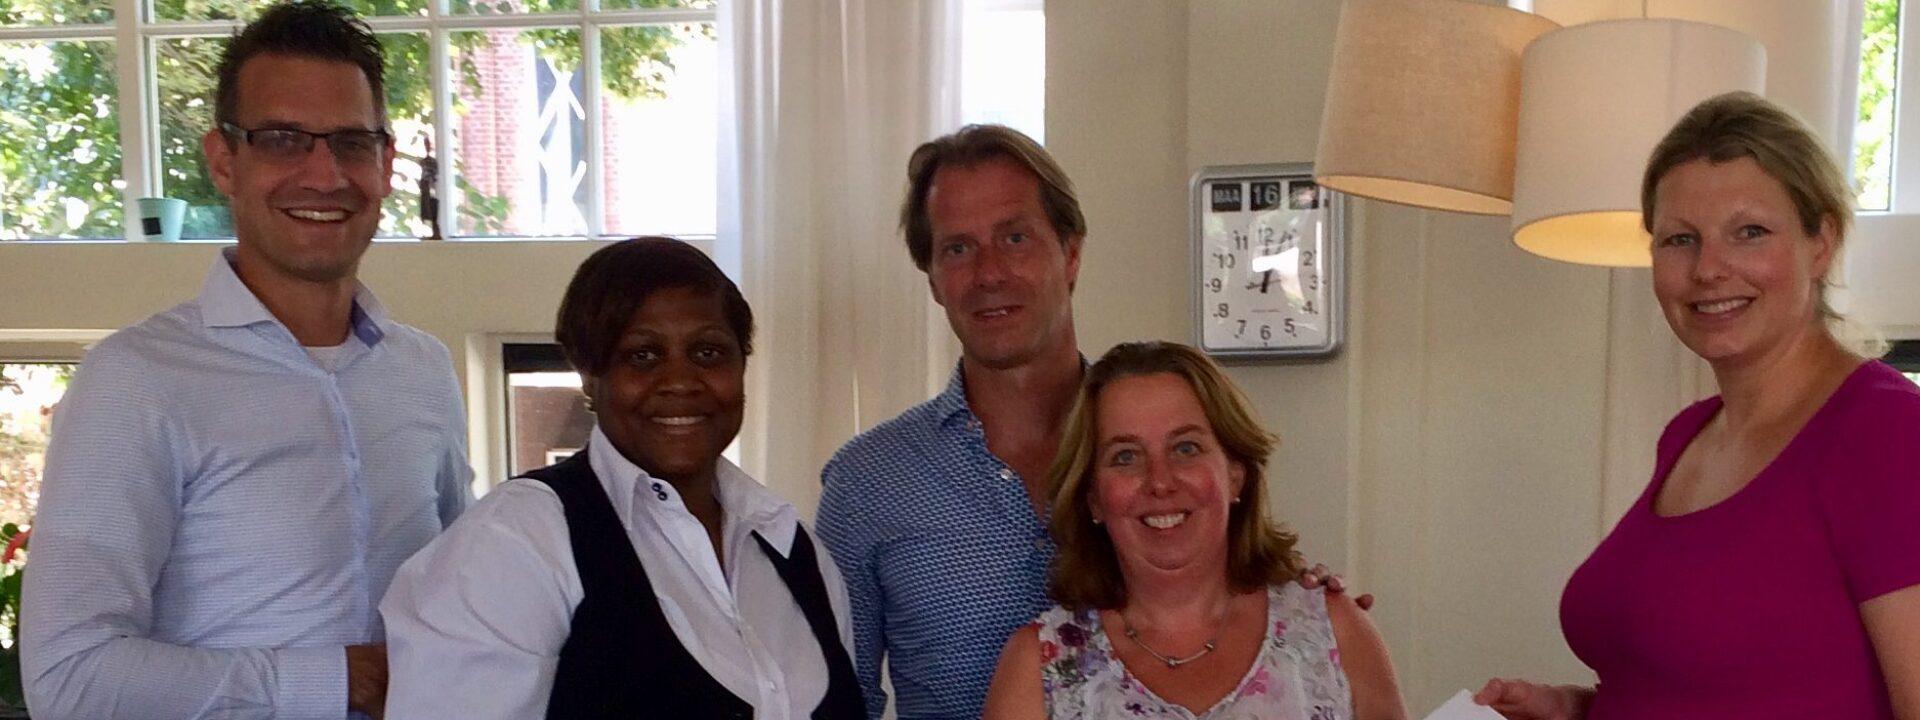 Woon/zorgvoorziening Herbergier Den Haag laat zich ontzorgen door EW Facility Services